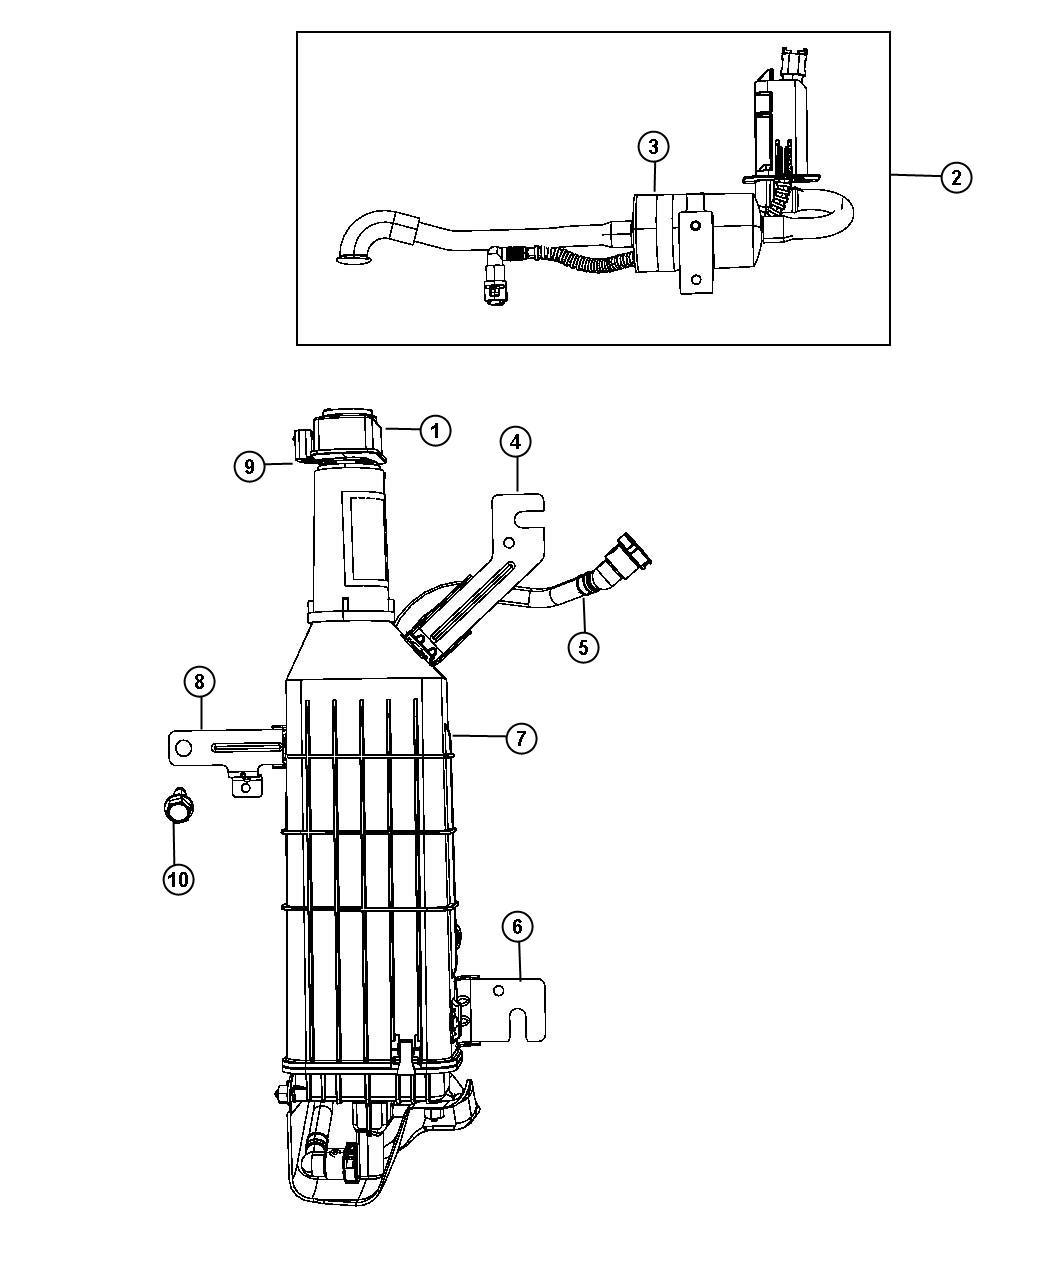 2010 Dodge Grand Caravan Filter. Fuel vapor vent. Canister